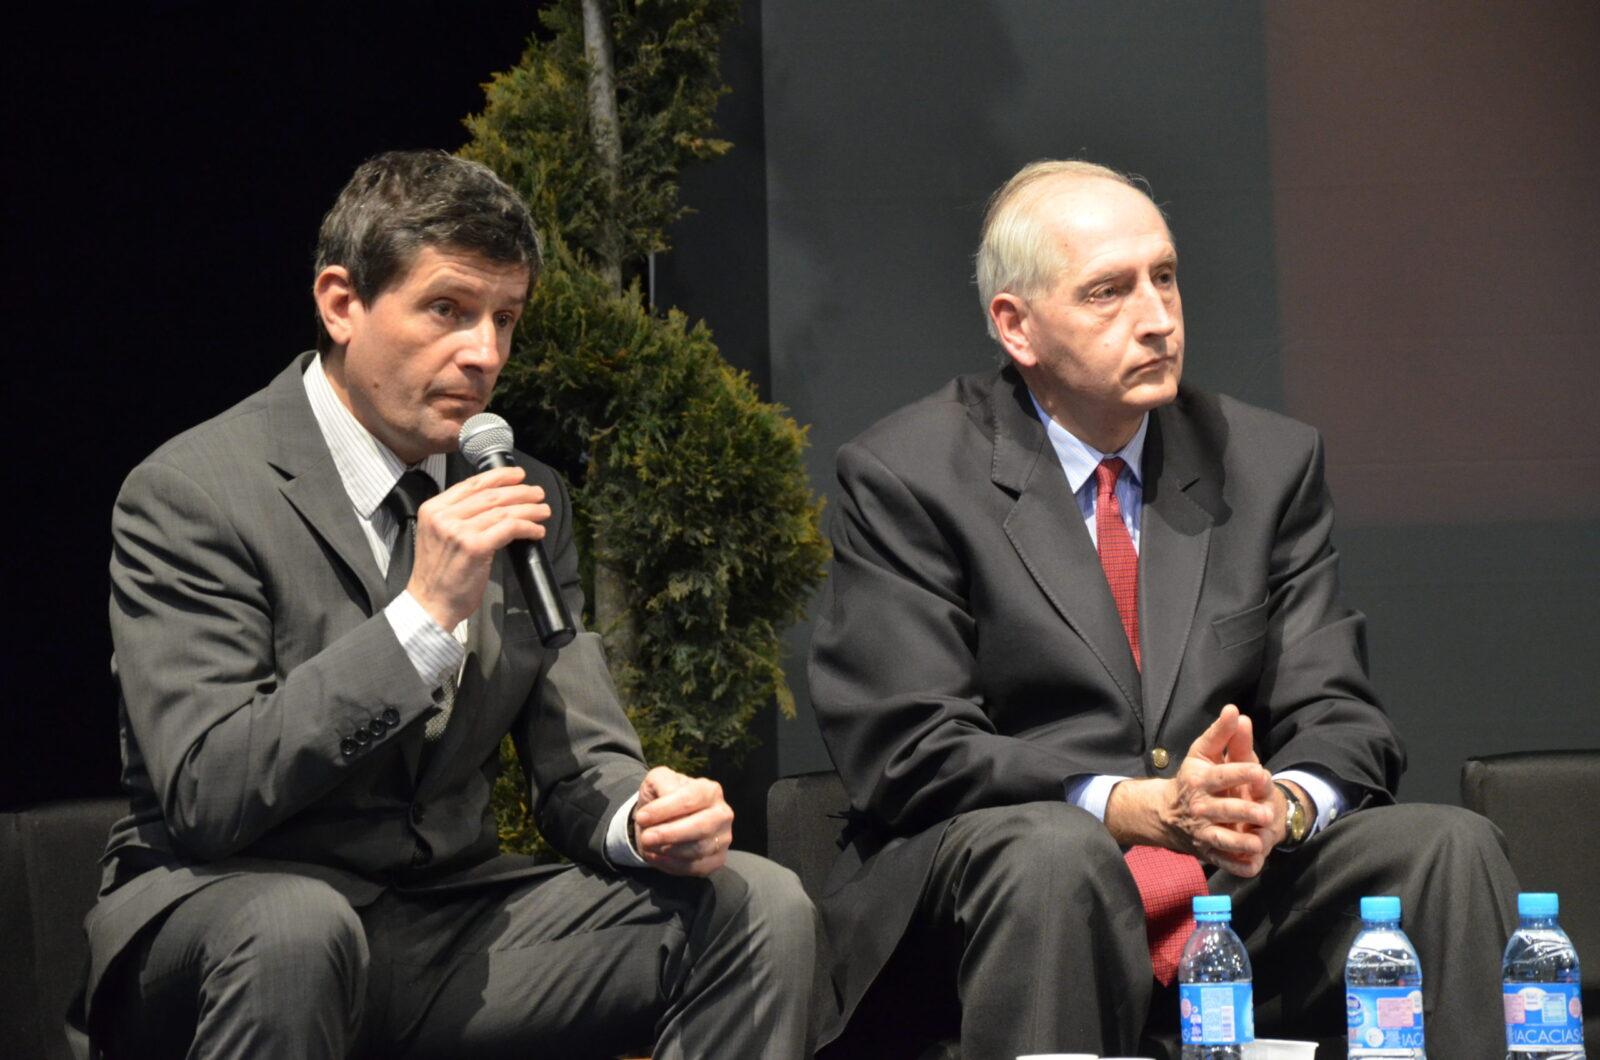 Префектура региона Иль-де-Франс открыла жилой центр содействия «MESNIL»